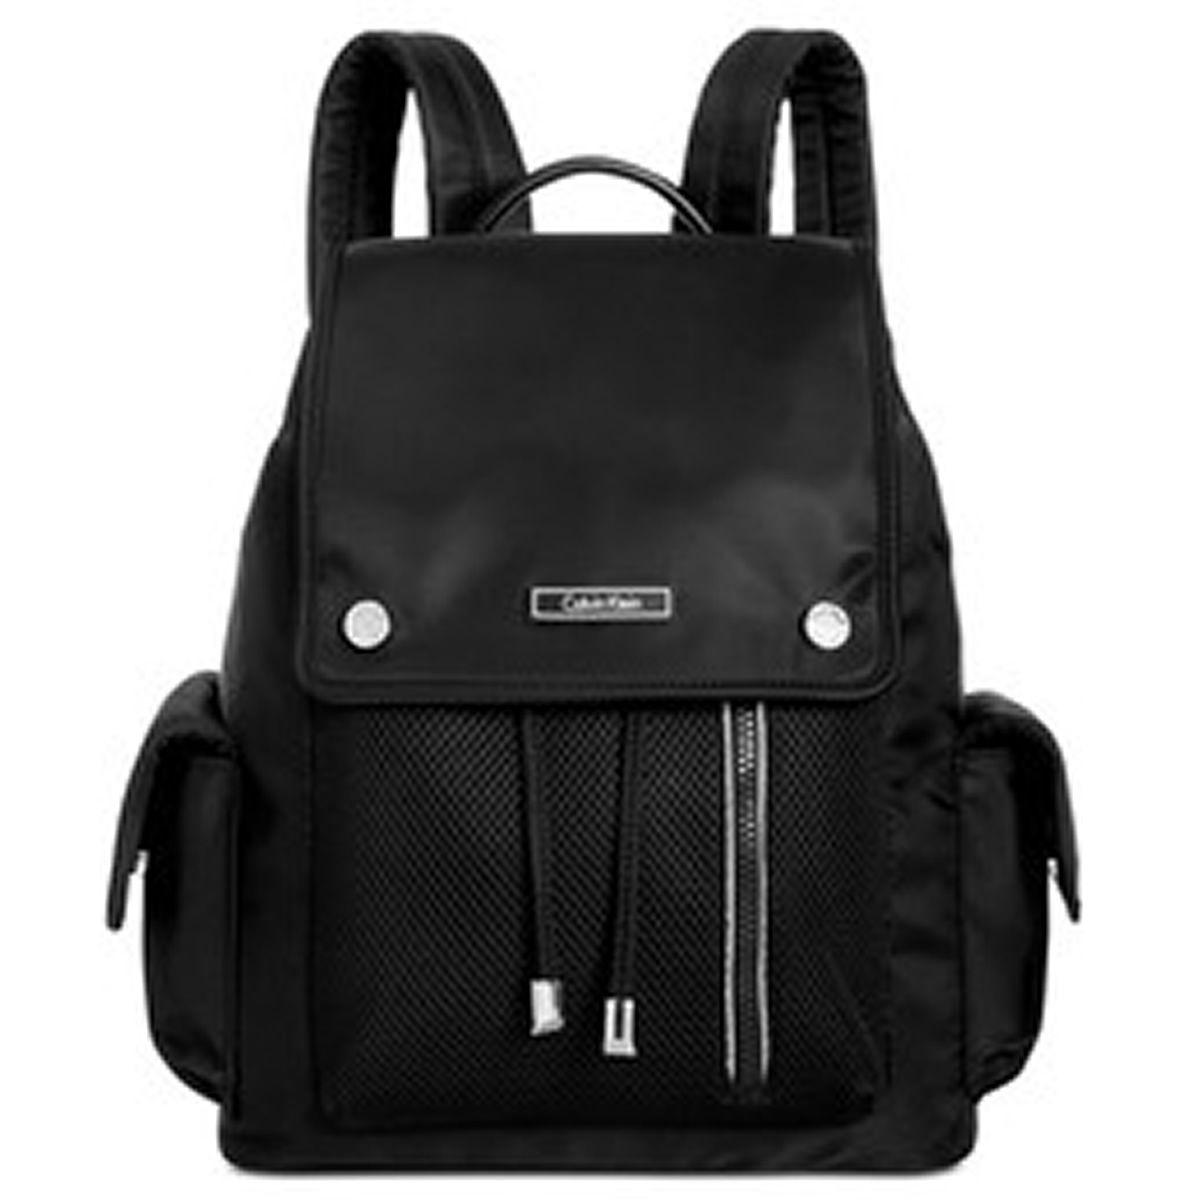 b04a7aa49500c Calvin Klein Handbags   Bags - Macy s